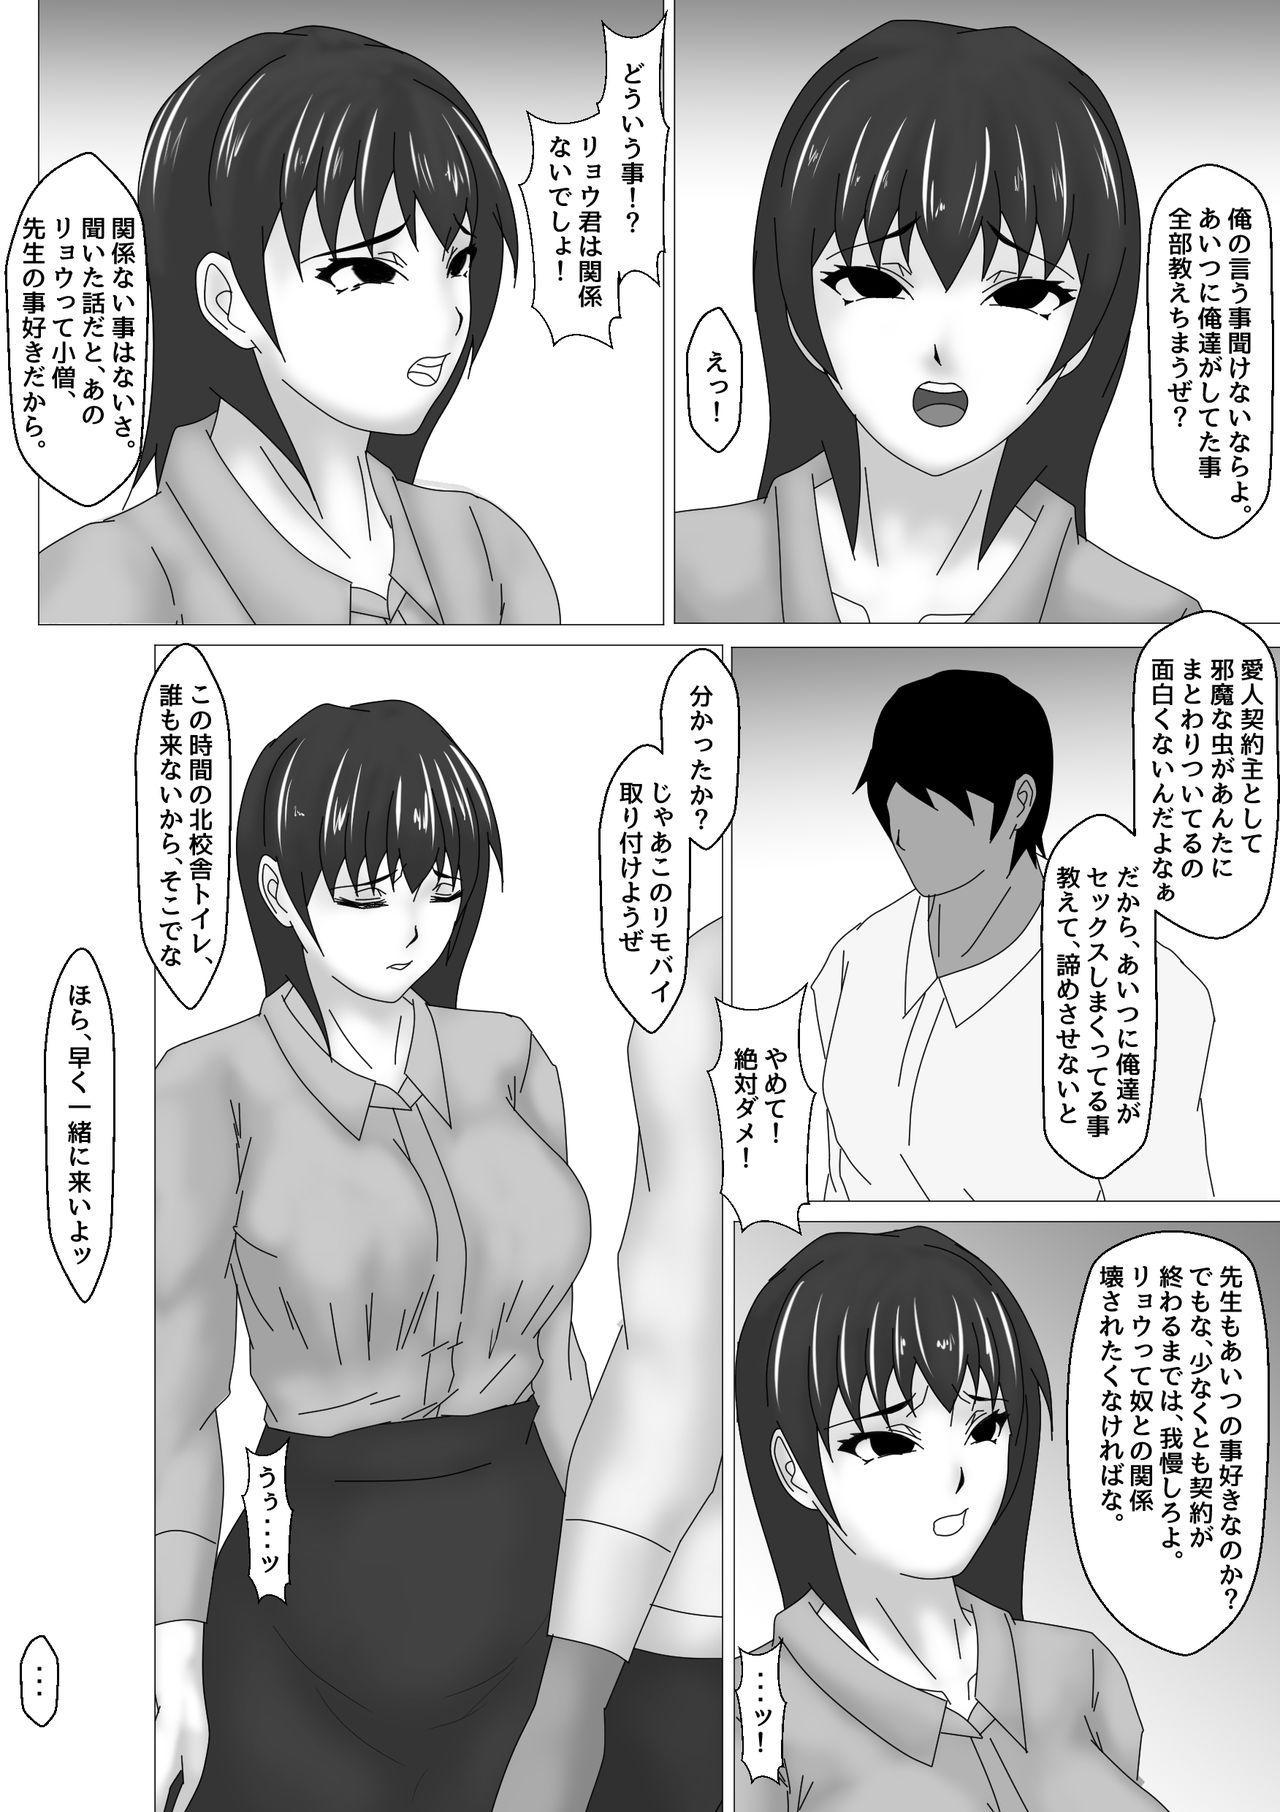 Onna Kyoushi Shinozaki Rin no Choukyou Kiroku 91